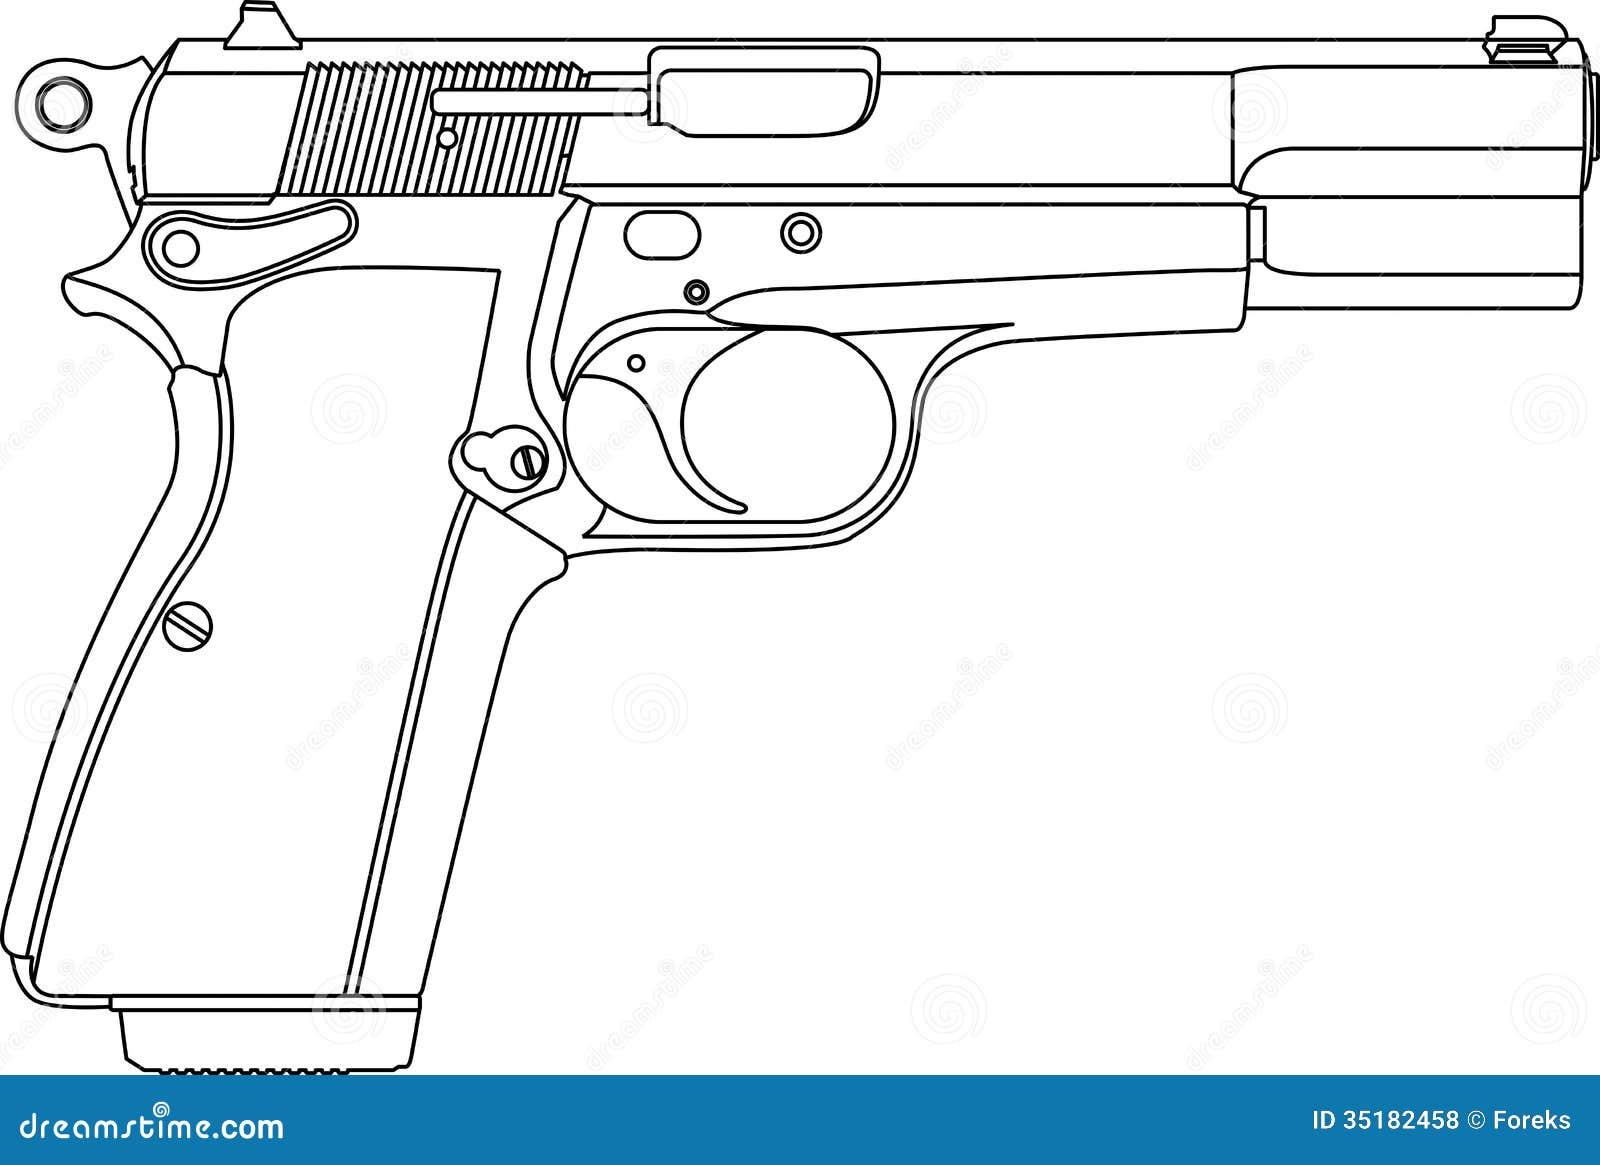 wireframe gun pistol stock vector  illustration of white